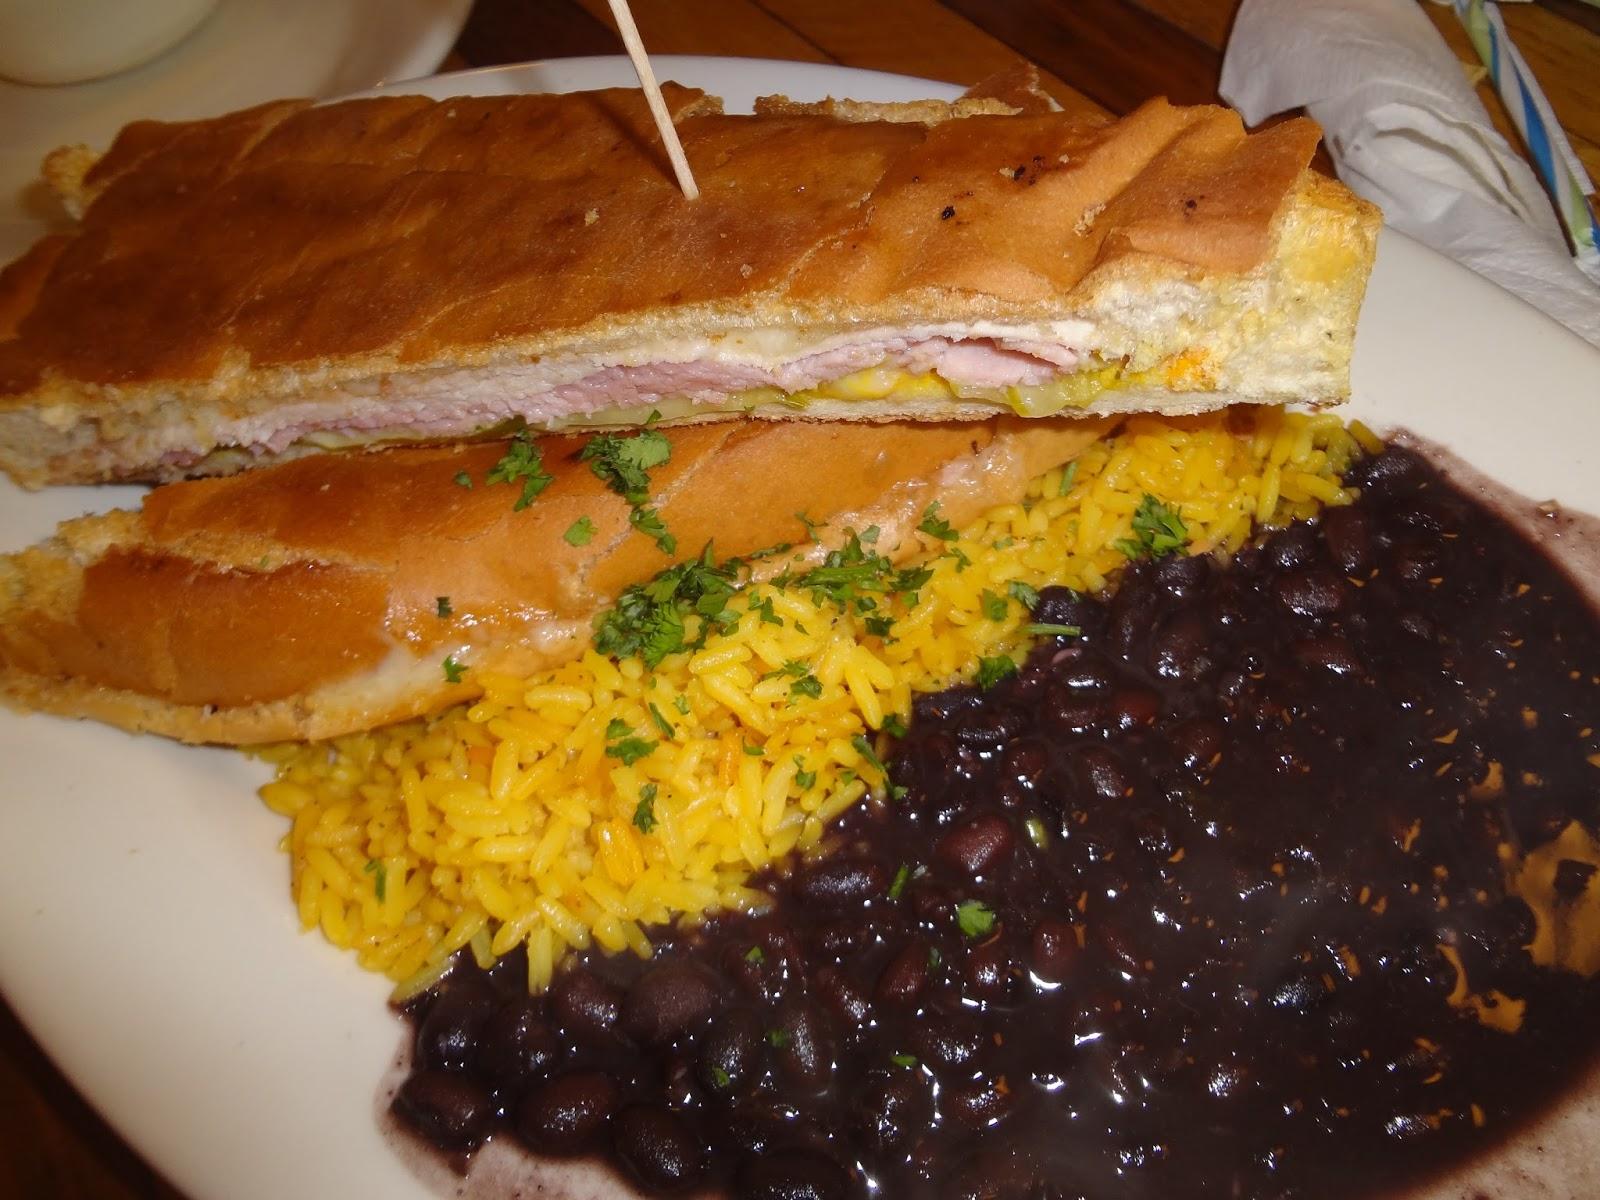 Fonda latina restaurant